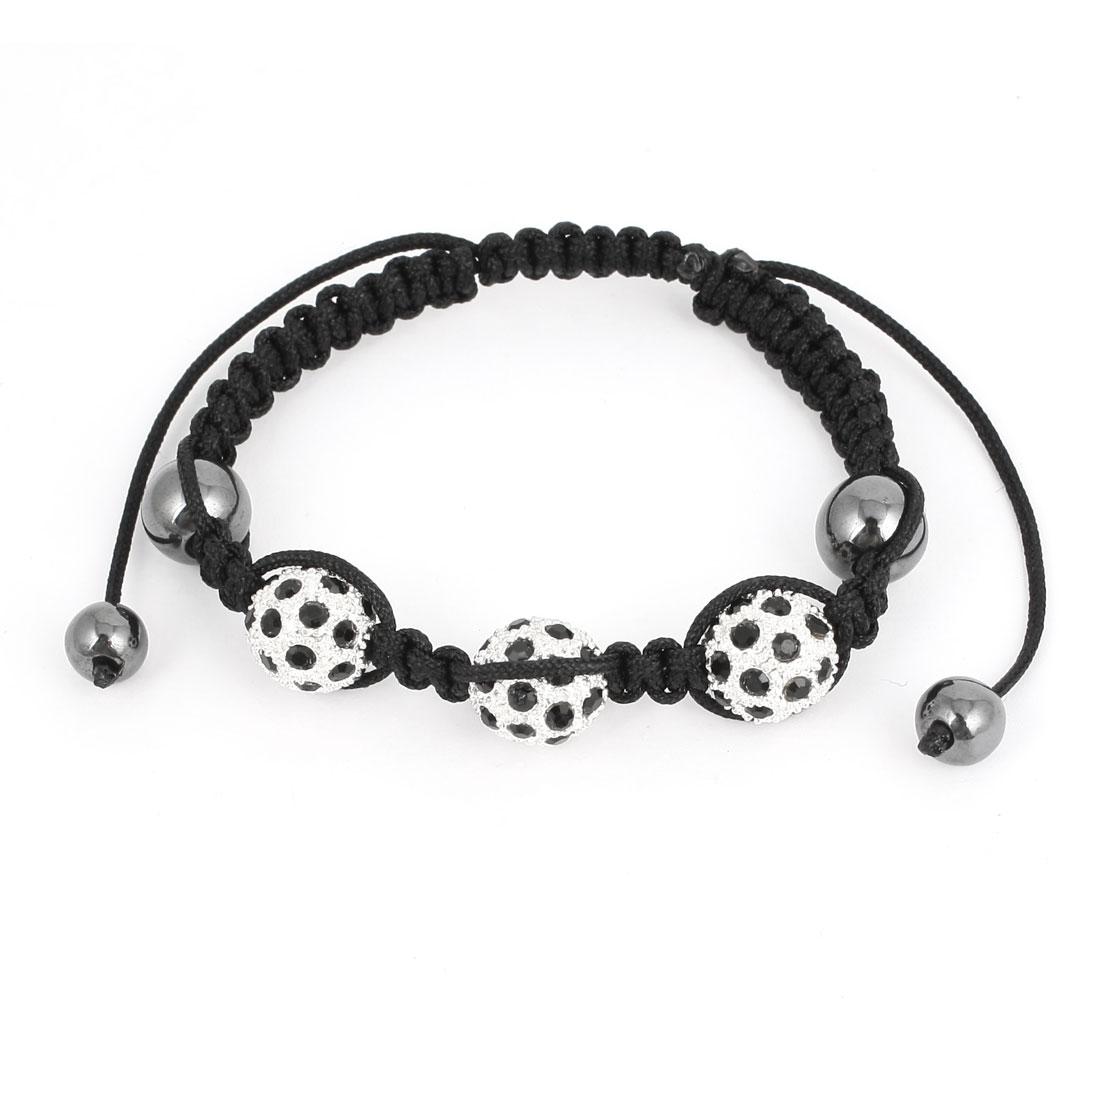 Unisex Rhinestone Metal Beads Detailing Adjustable Hand-knitting Bracelet Bangle